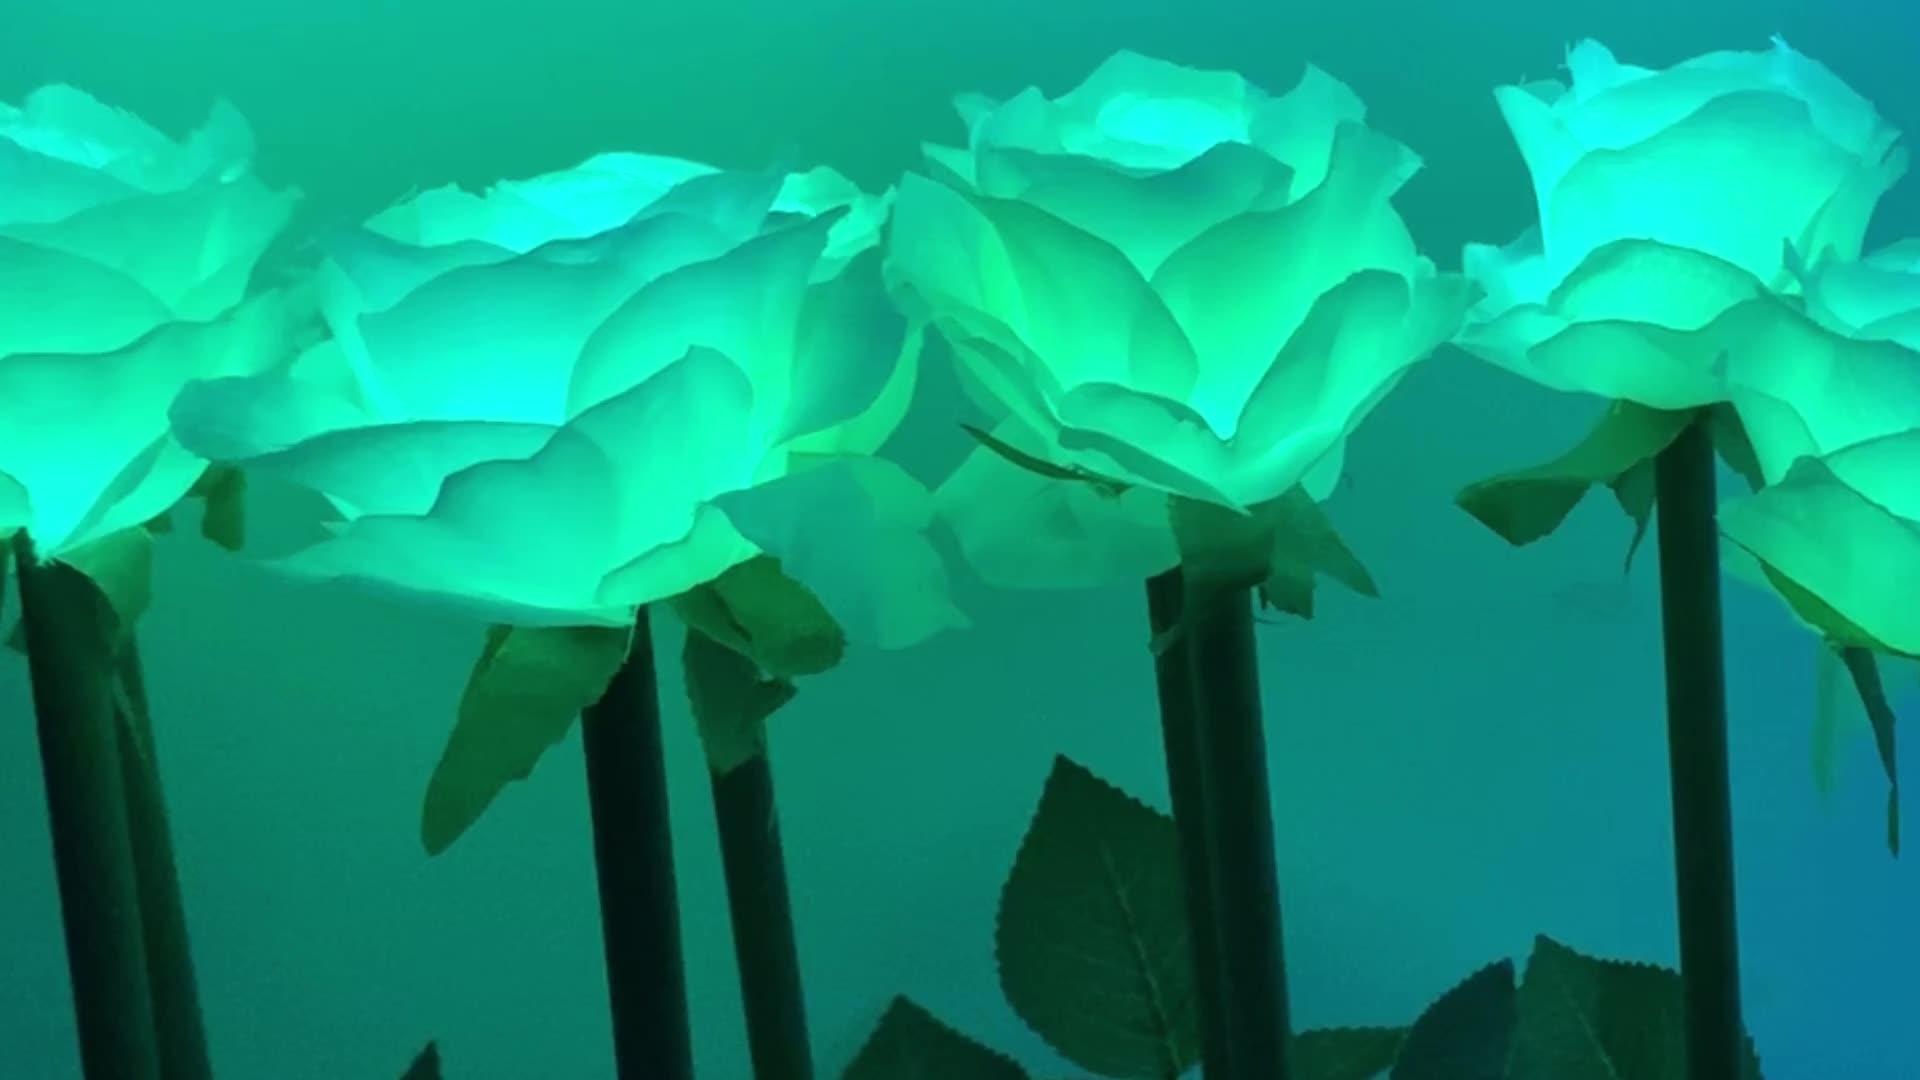 Nueva tecnología 2020 evento de Navidad decoración puede hacer cualquier efecto led DMX programable de luces de decoración rosa artificial flor